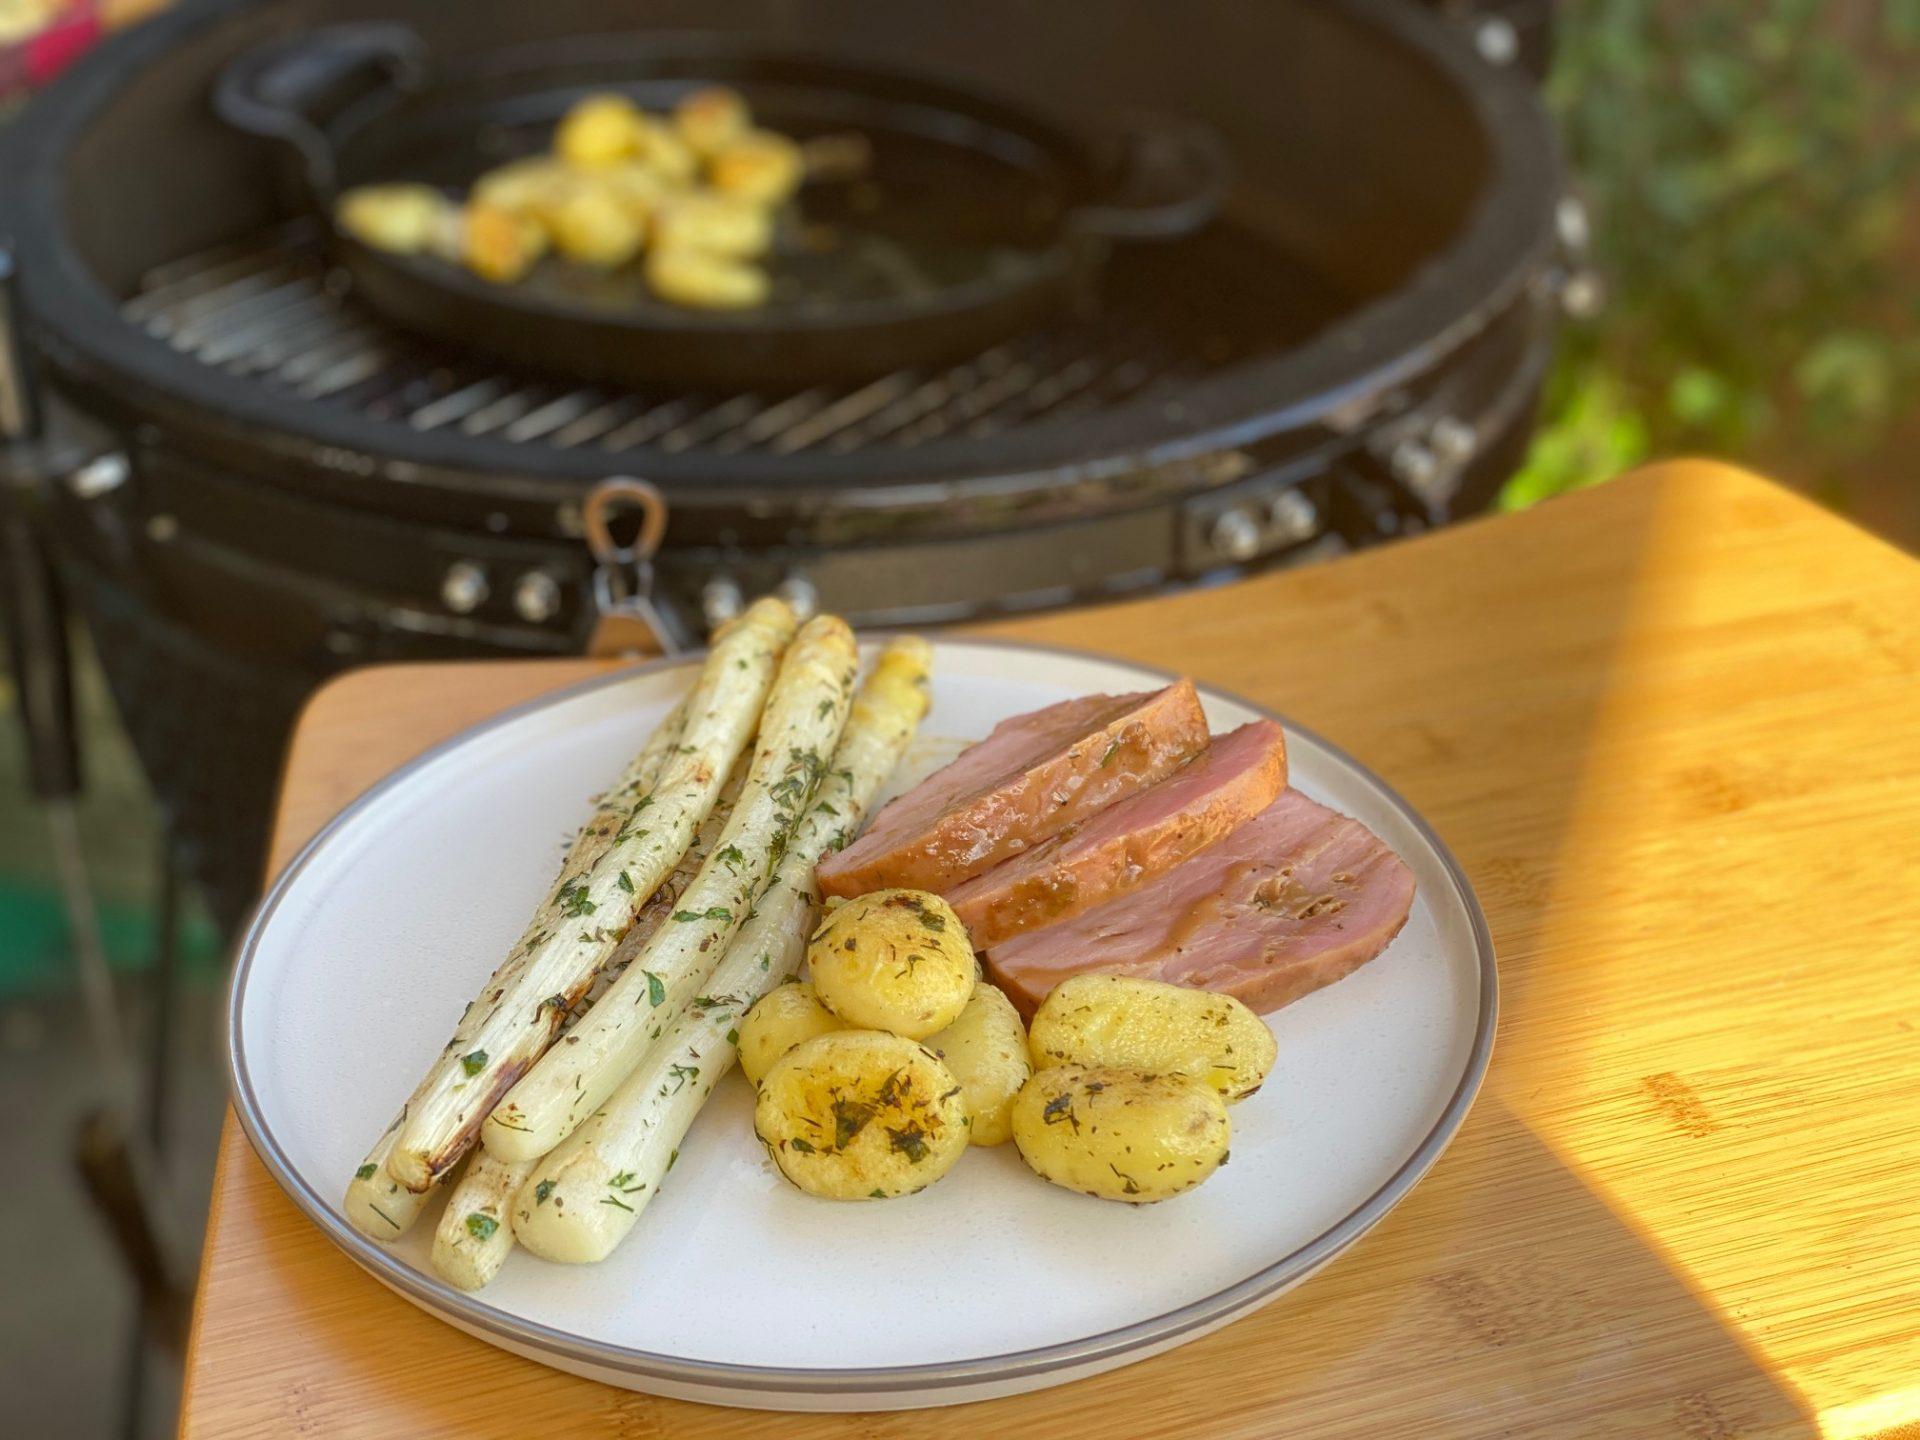 Asperges met beenham en krieltjes bereiden op de barbecue - Complete maaltijd op de barbecue - Foodblog Foodinista